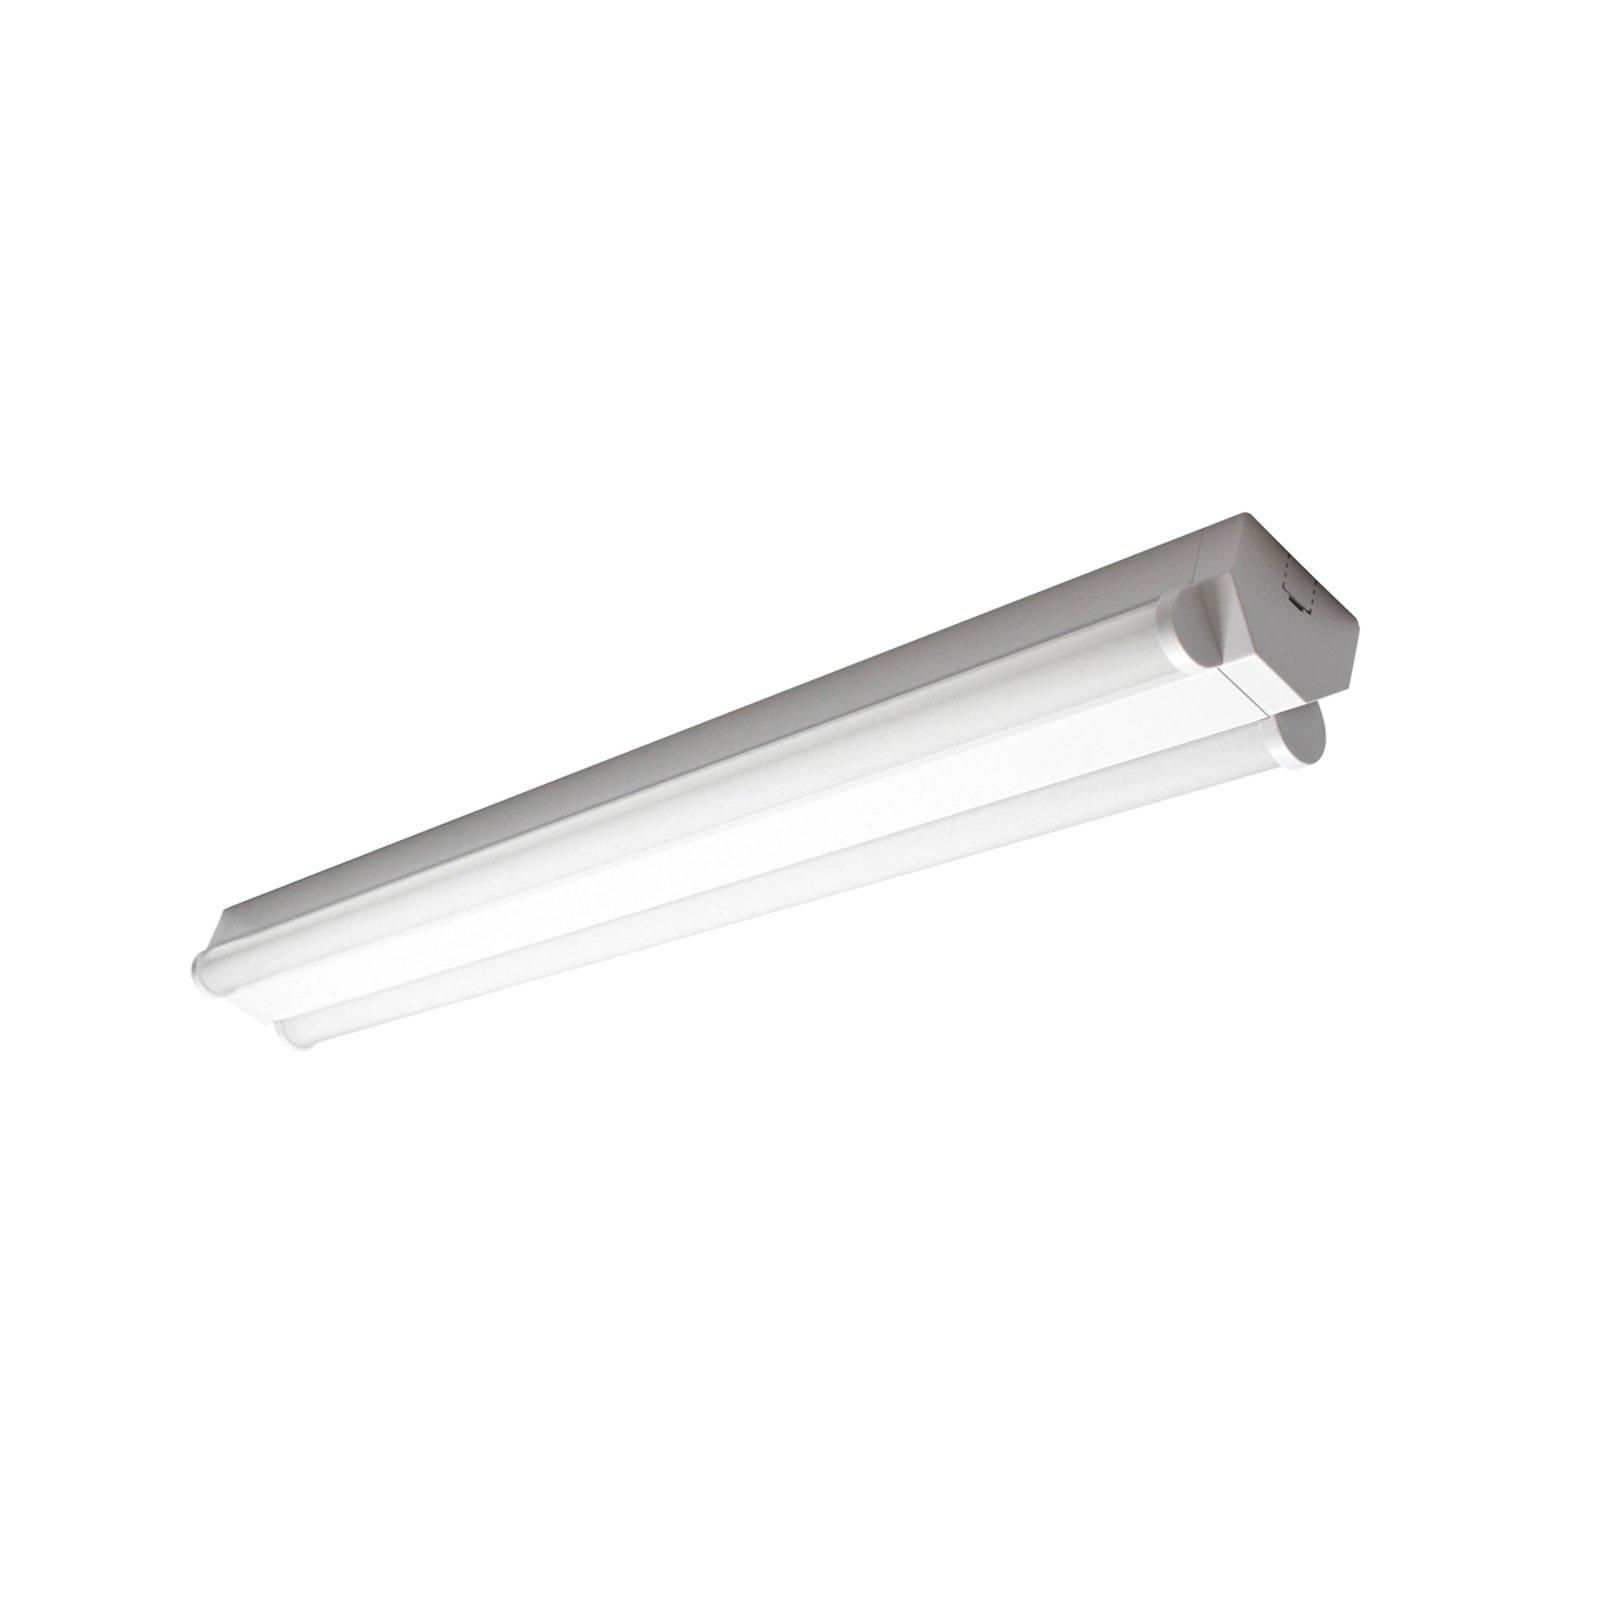 Basic 2 - LED-taklampe med 2 lys - 60cm